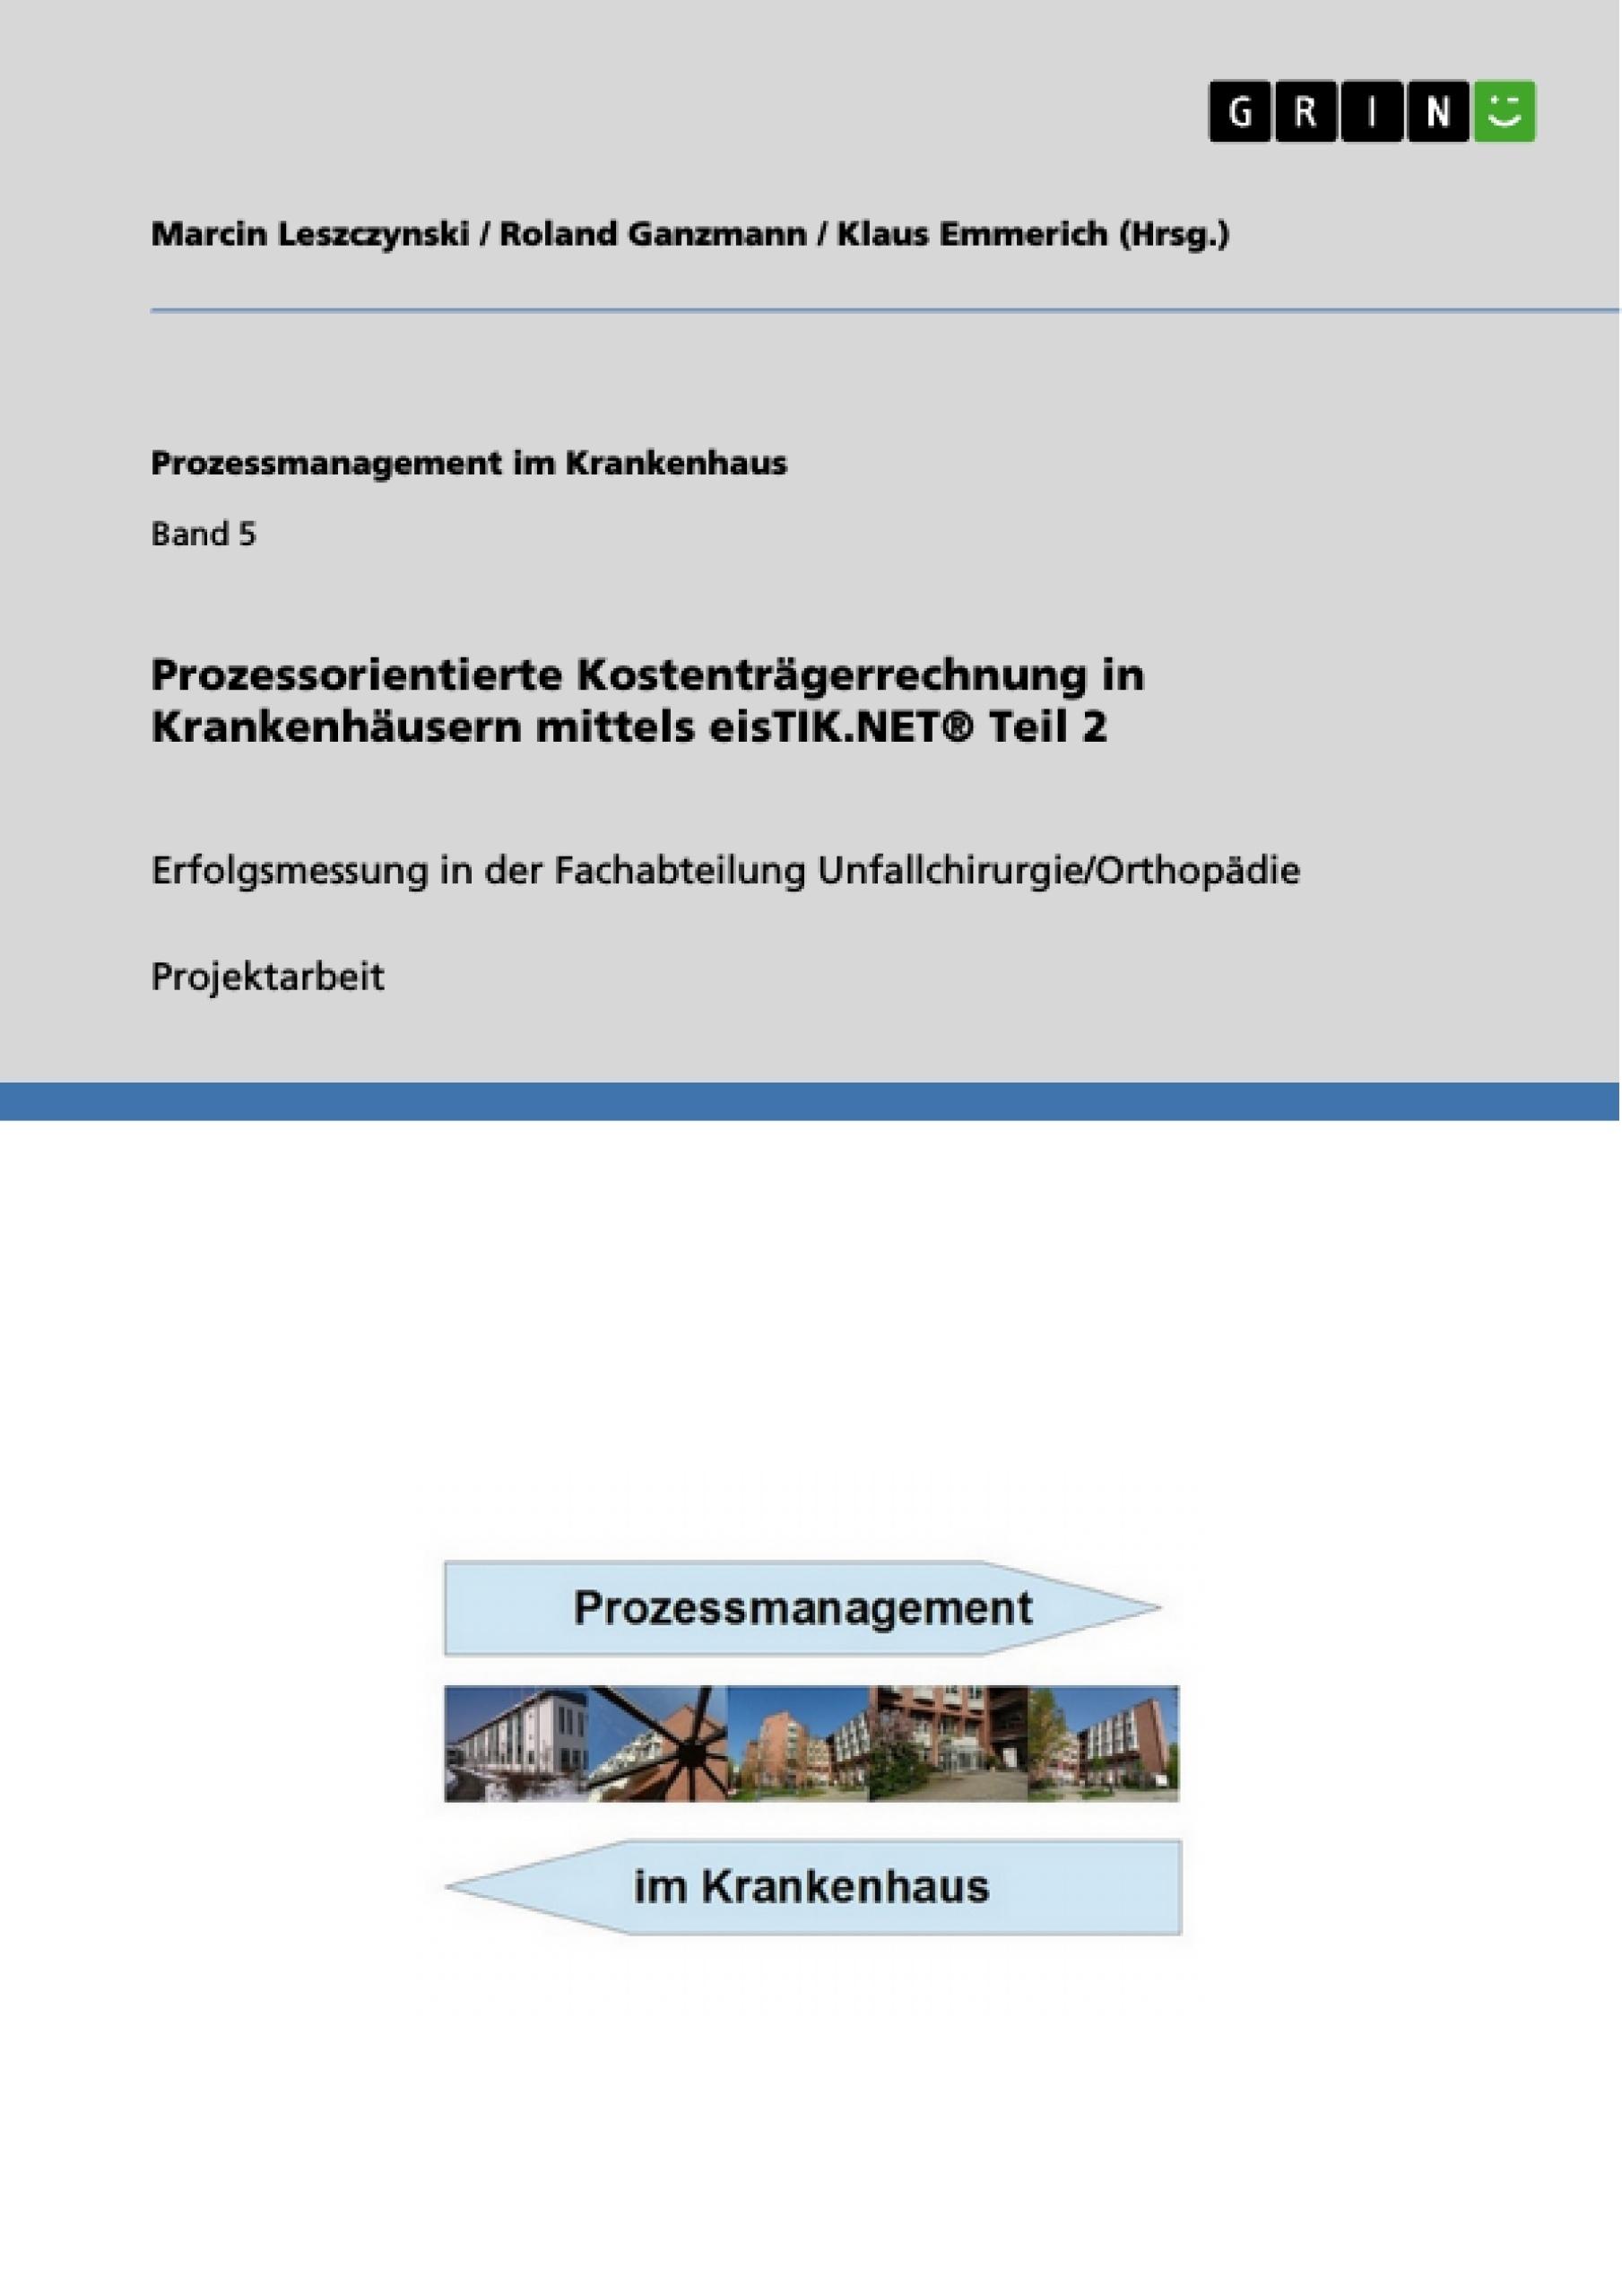 Titel: Prozessorientierte  Kostenträgerrechnung in Krankenhäusern mittels eisTIK.NET® Teil 2